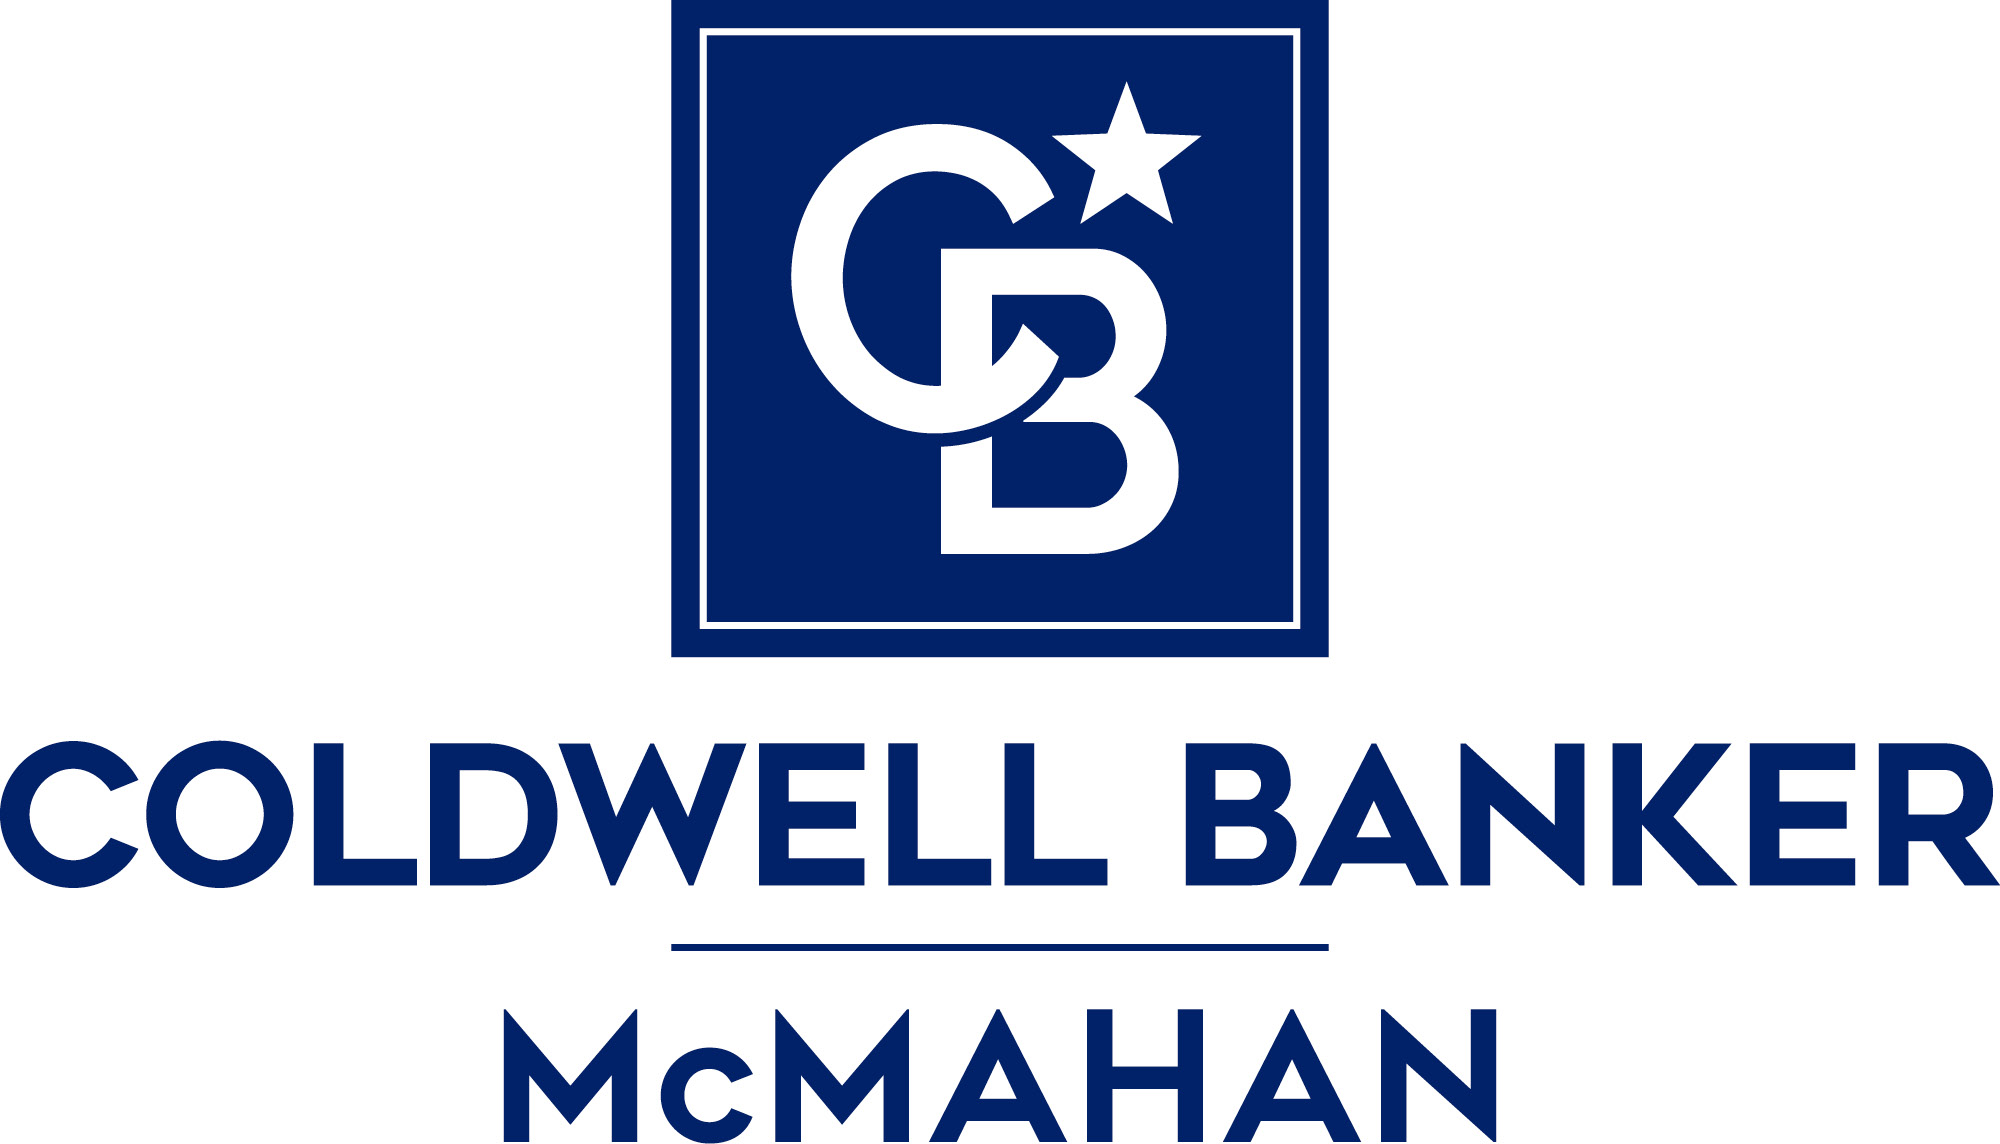 Craig Campbell - Coldwell Banker McMahan Logo